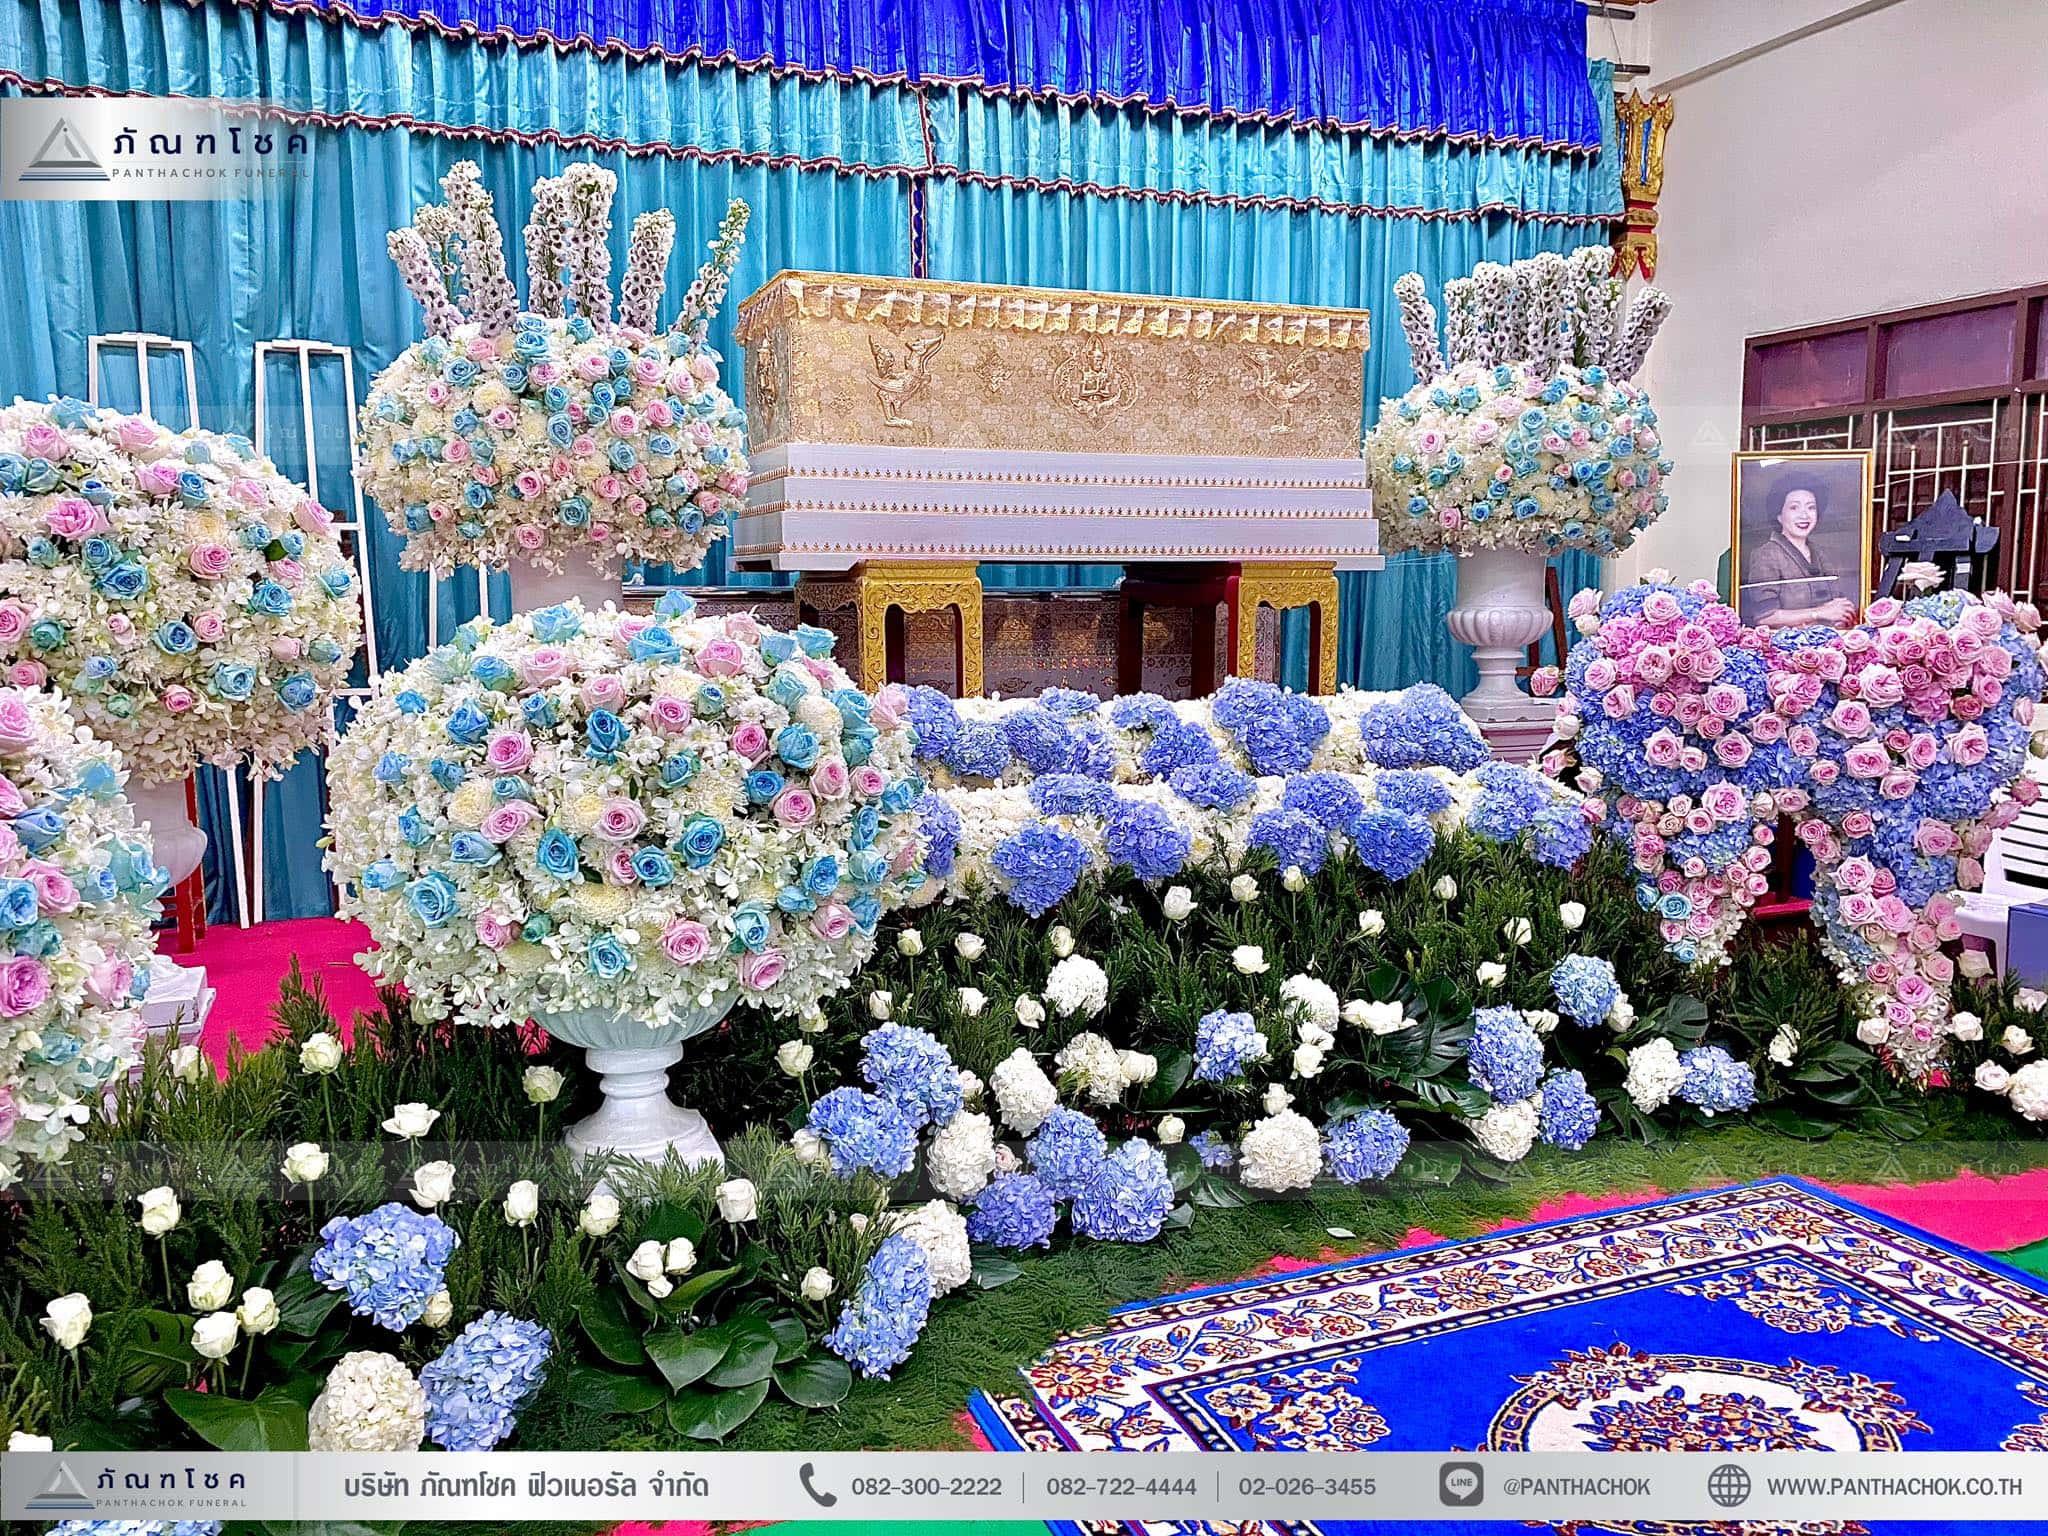 ดอกไม้งานศพสไตล์โมเดิร์น ณ วัดบัวขวัญพระอารามหลวง จ.นนทบุรี 6